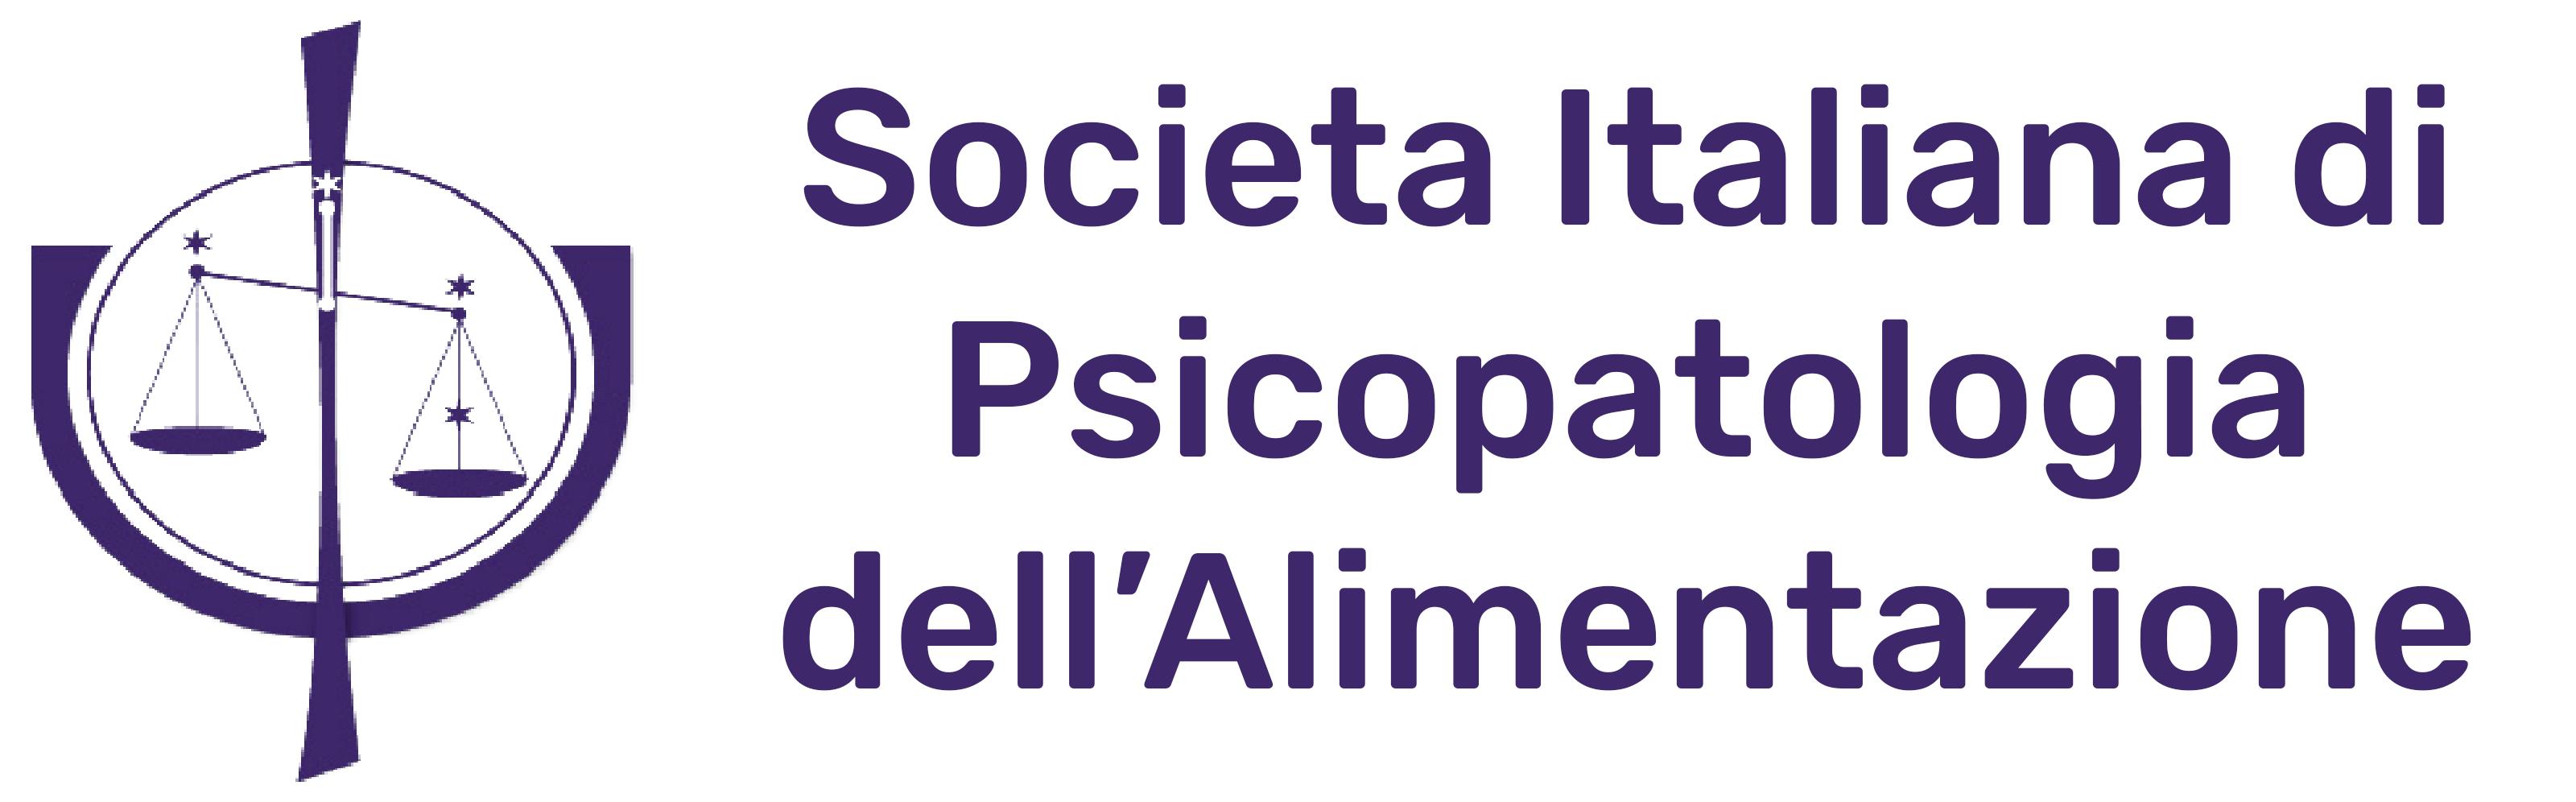 Società Italiana di Pscipatologia dell'alimentazione